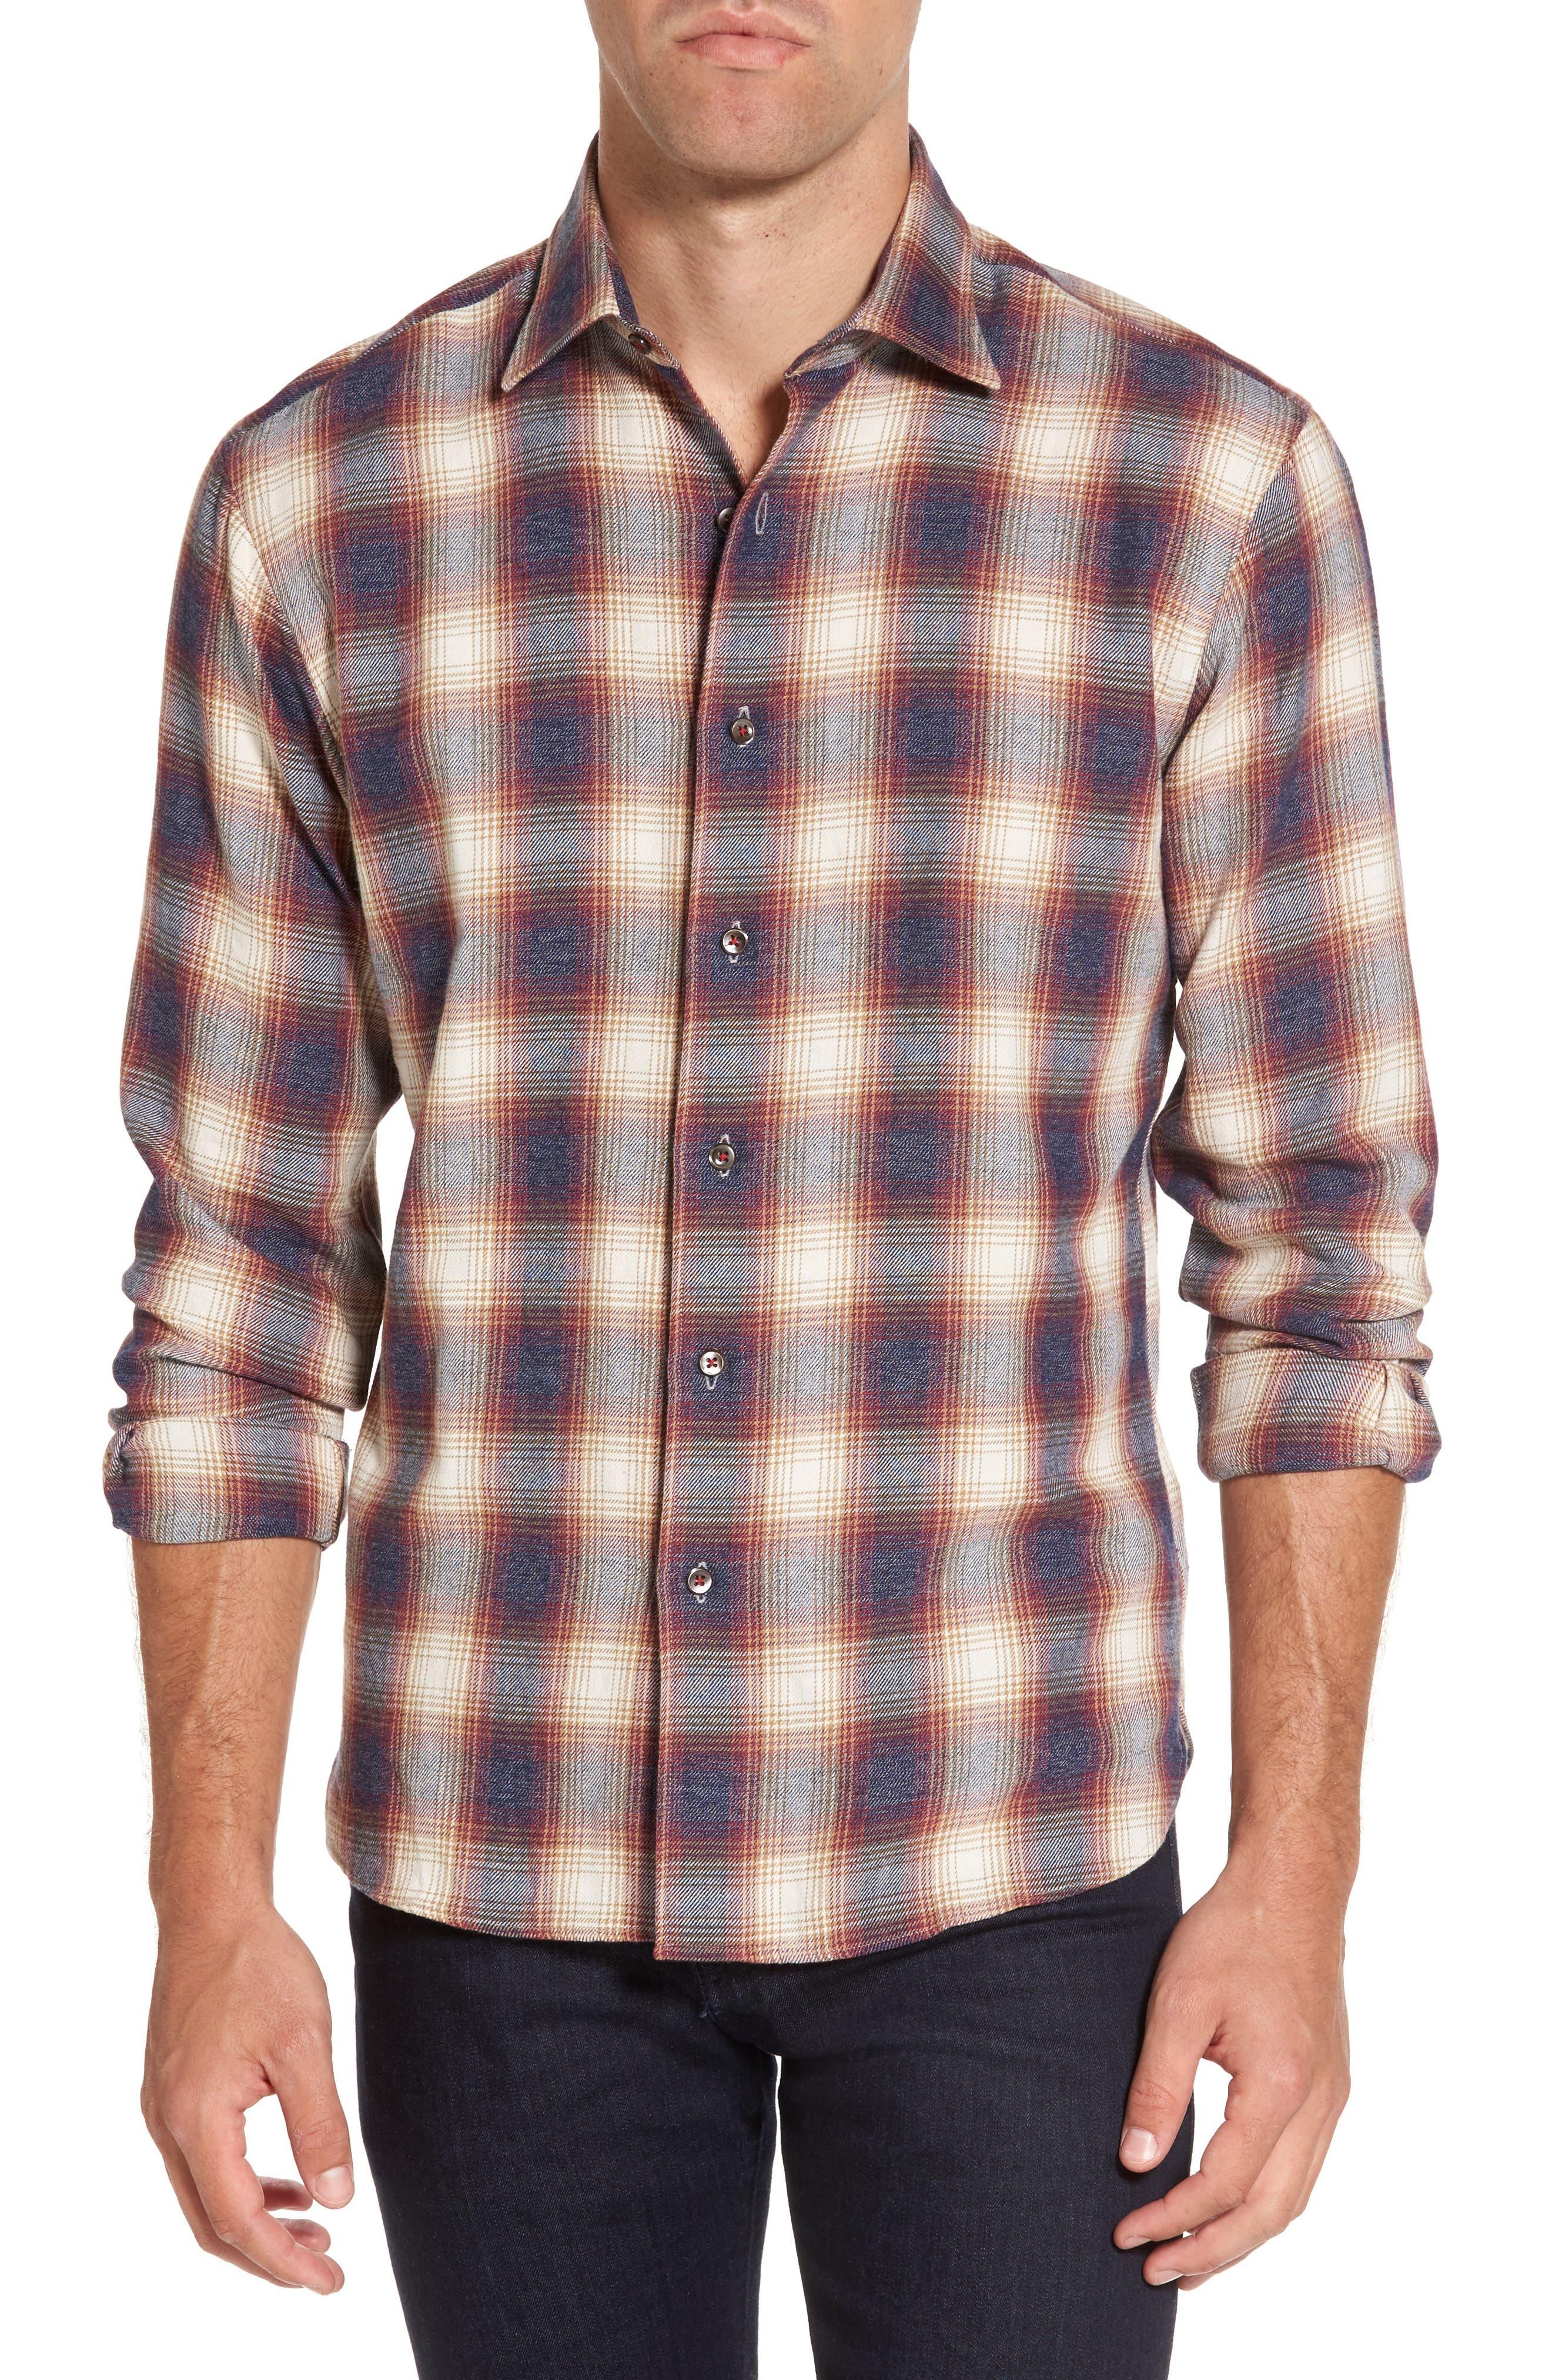 New England Shirt Co. Slim Fit Plaid Sport Shirt